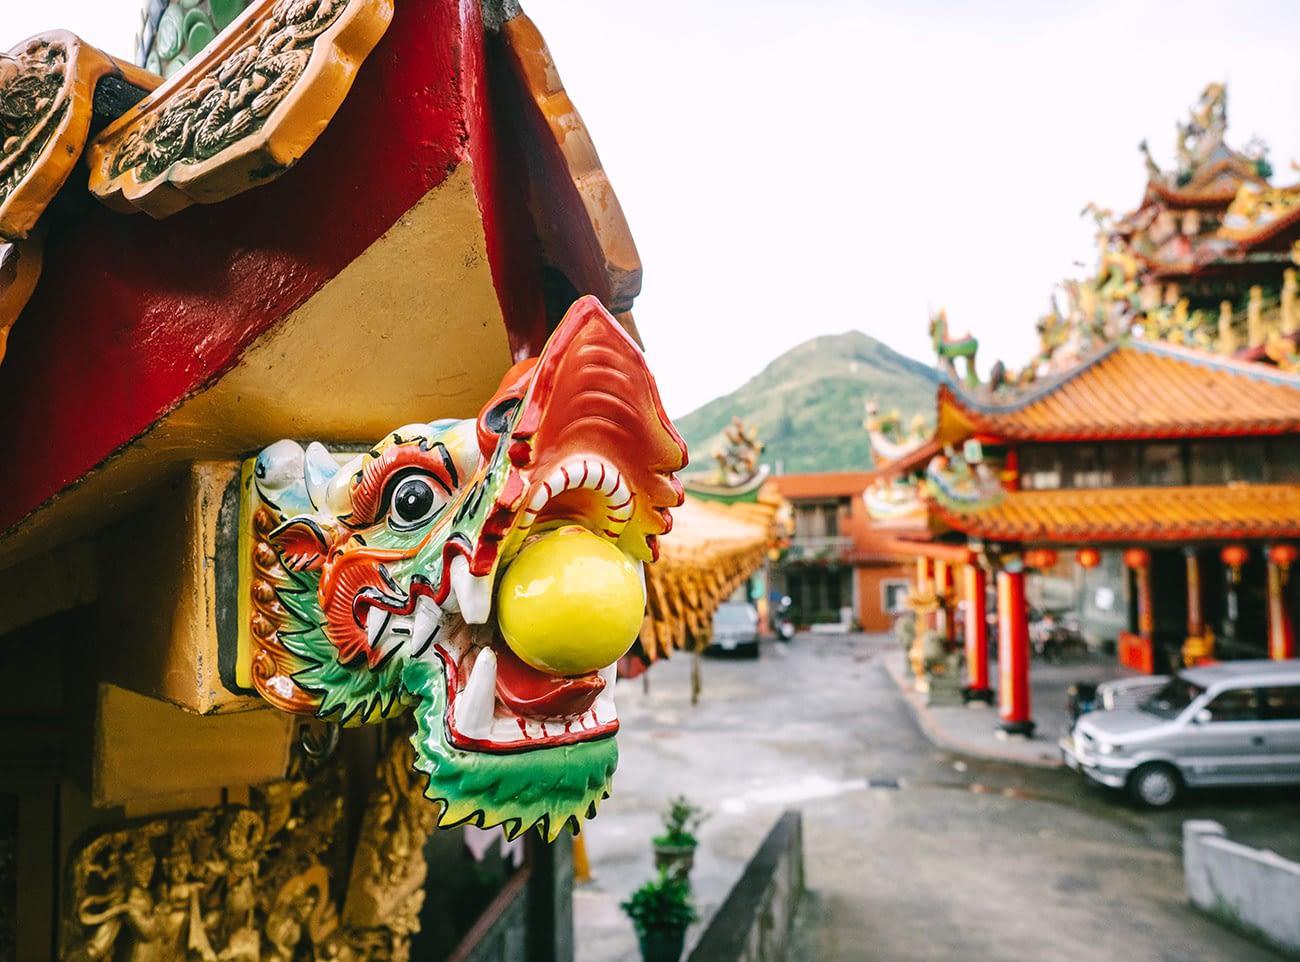 Taipei Jiufen - Shengming Temple dragon statue